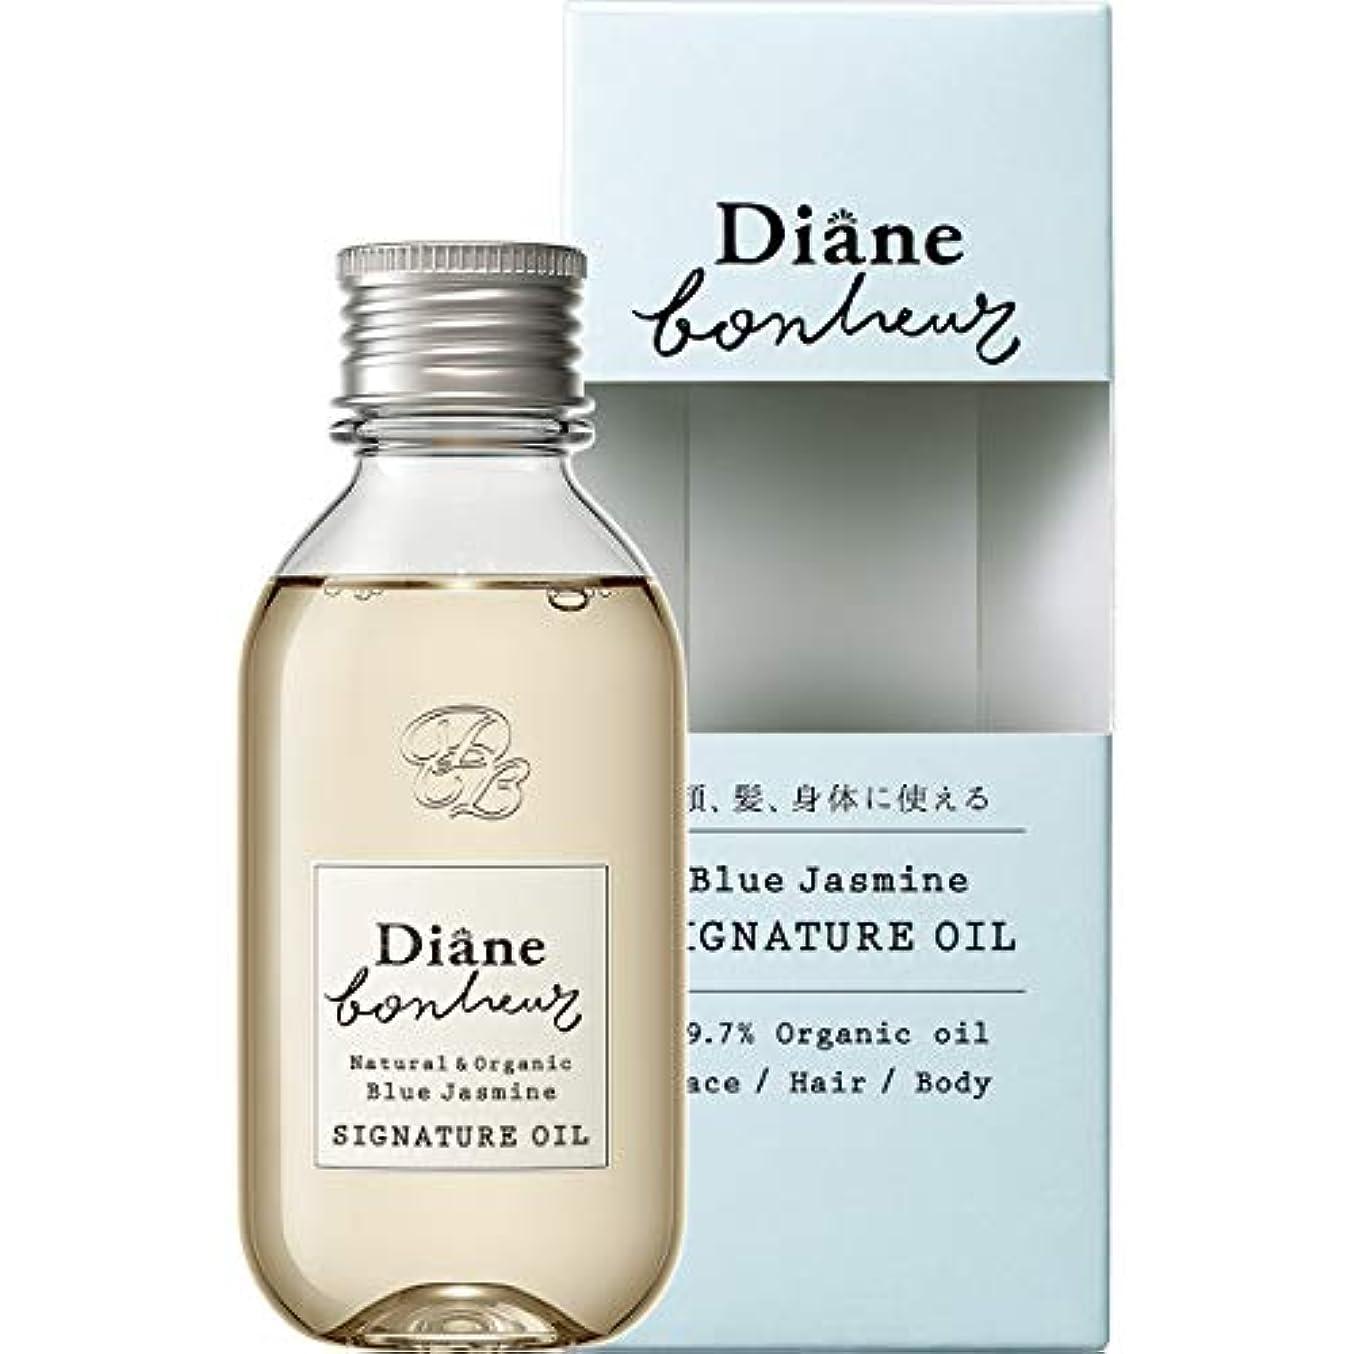 化粧農業いくつかのダイアン ボヌール シグネチャー オイル (ヘア&ボディ) ブルージャスミンの香り 100ml